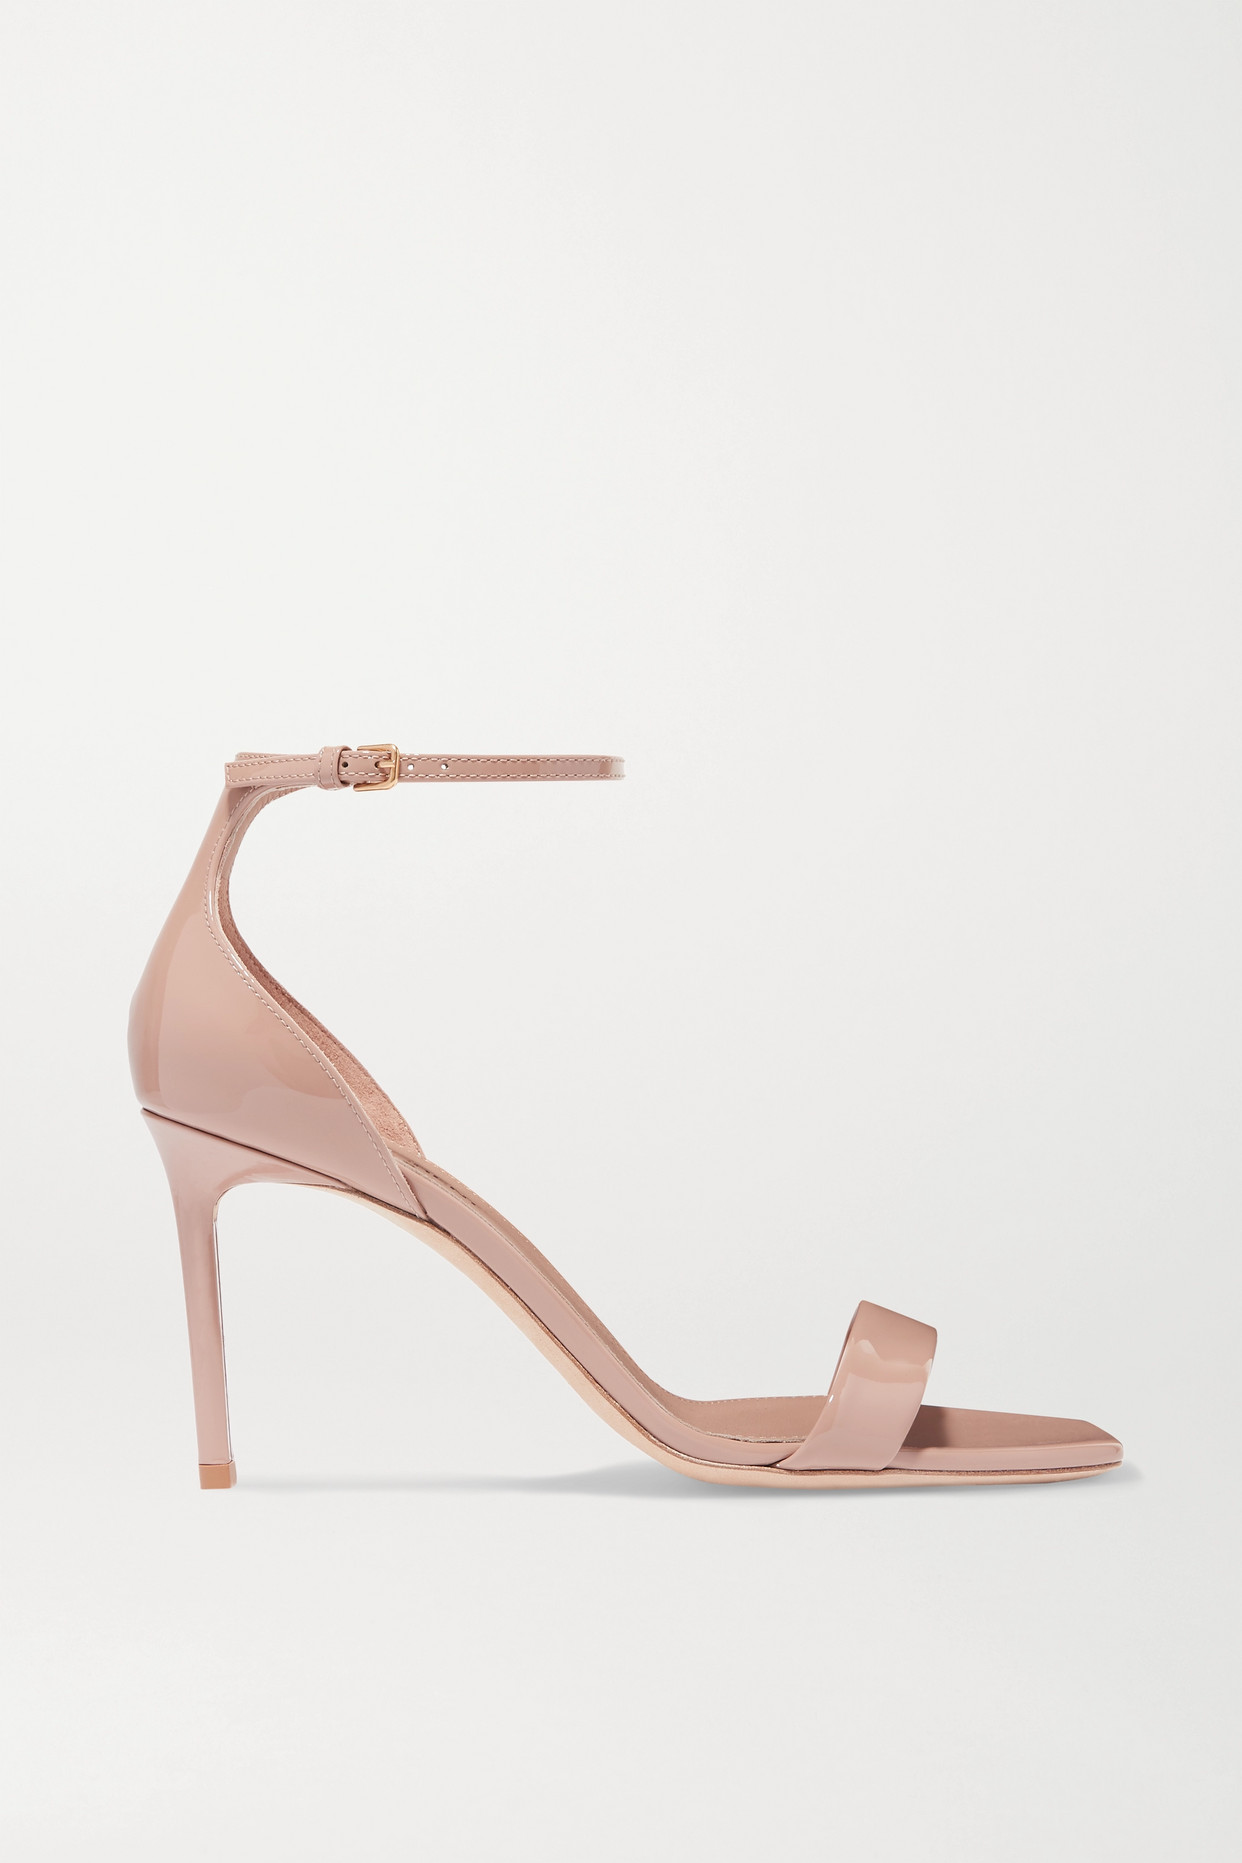 SAINT LAURENT - Amber Patent-leather Sandals - Neutrals - IT39